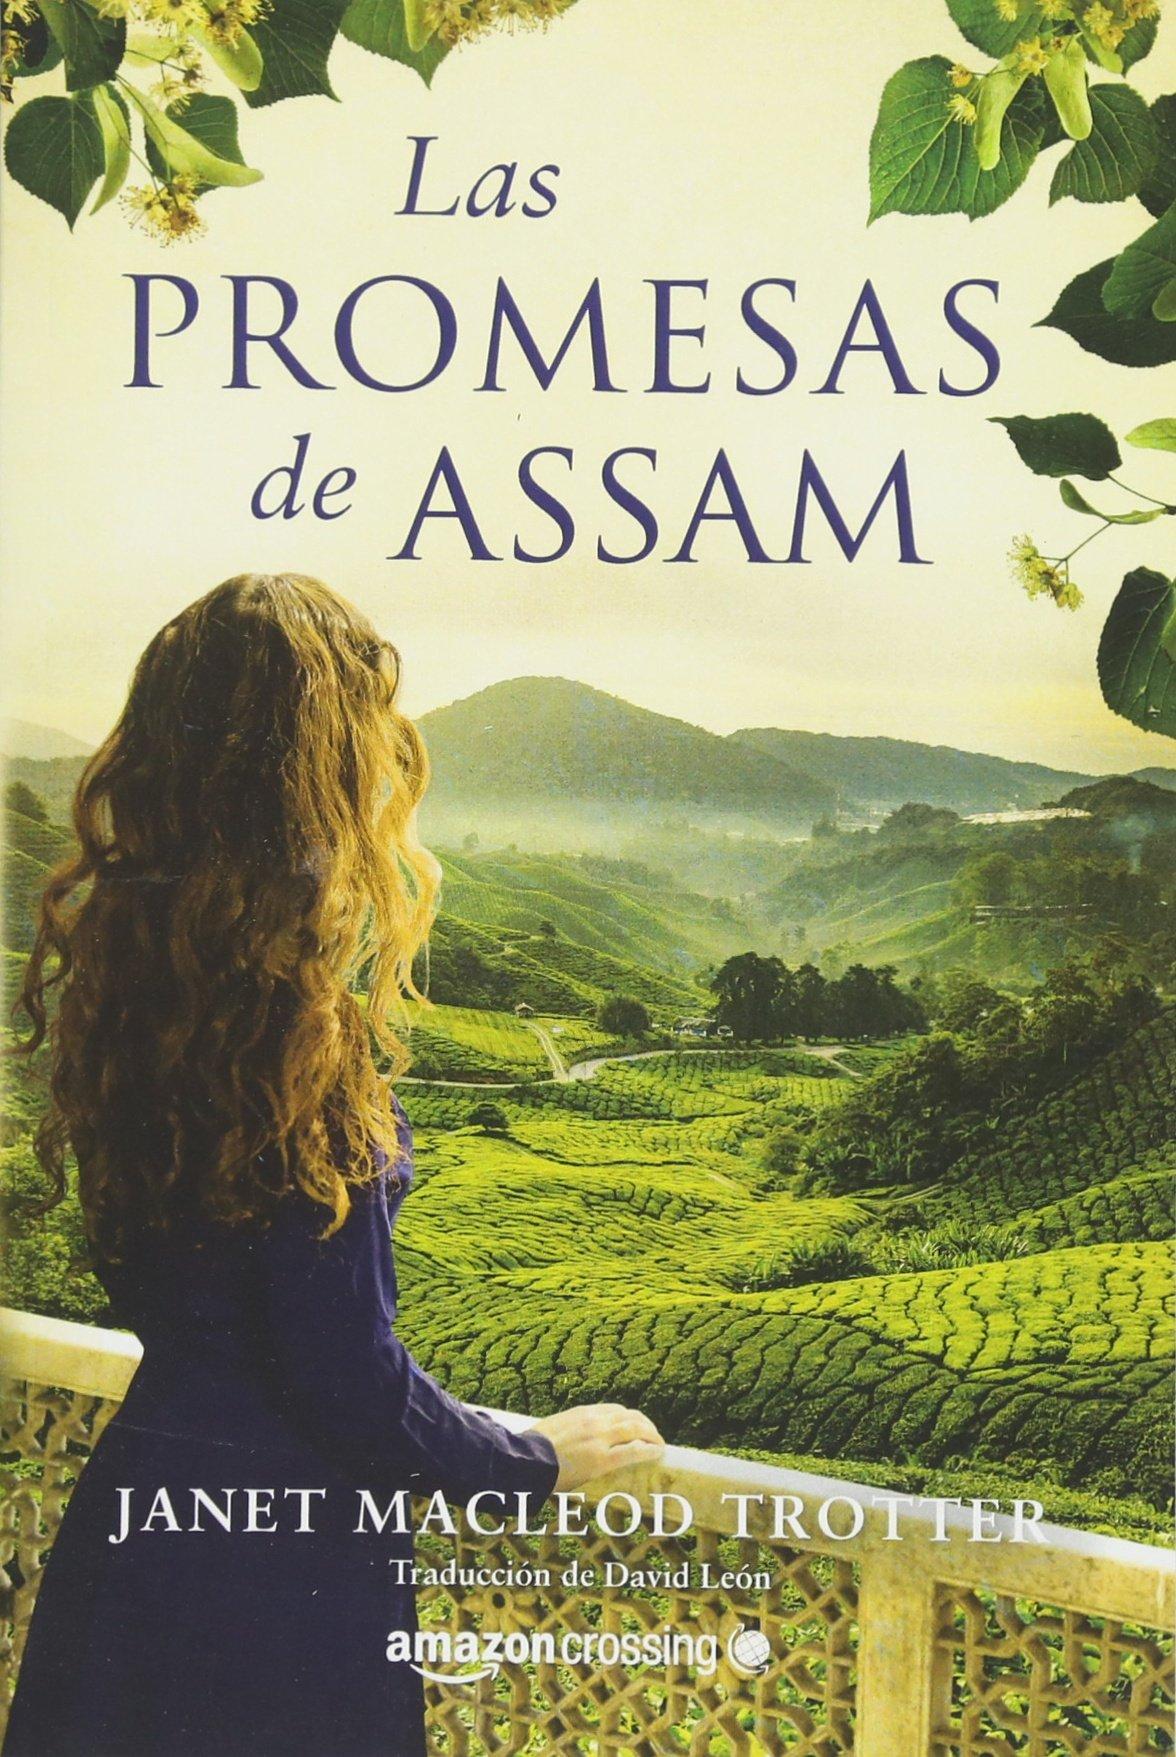 Las promesas de Assam (Aromas de té): Amazon.es: Janet MacLeod Trotter,  David León: Libros